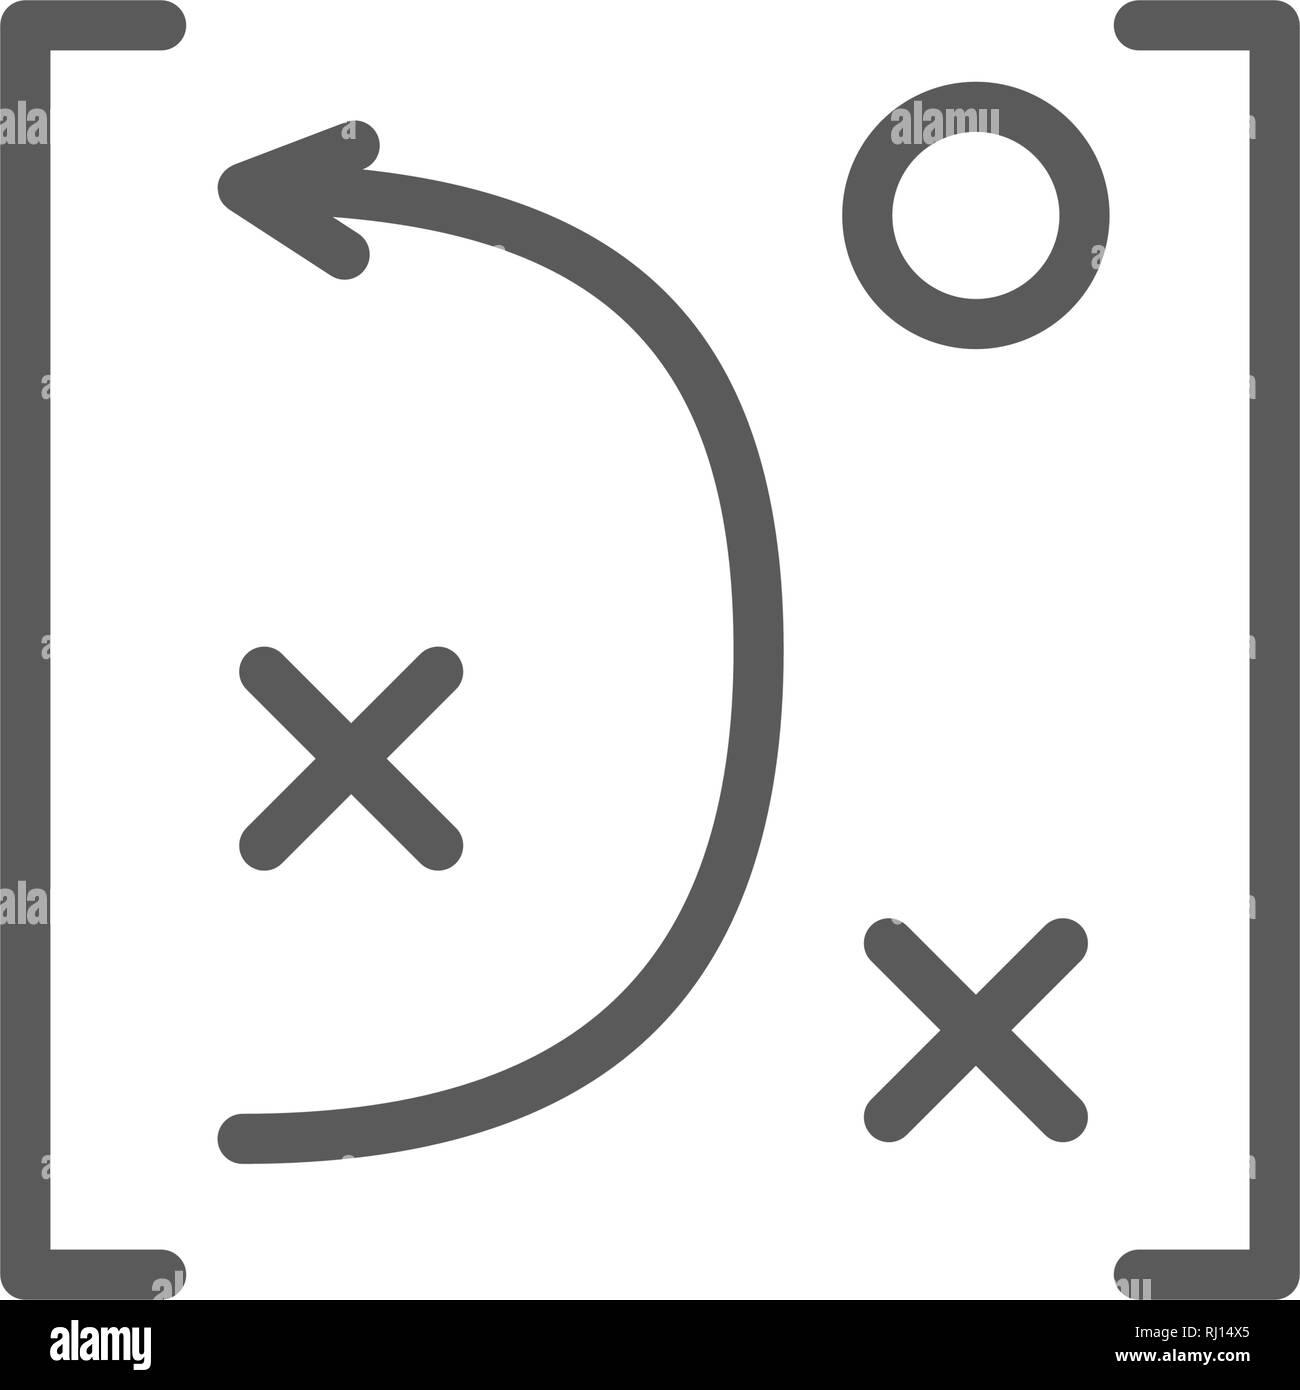 Game tactics scheme line icon. - Stock Image